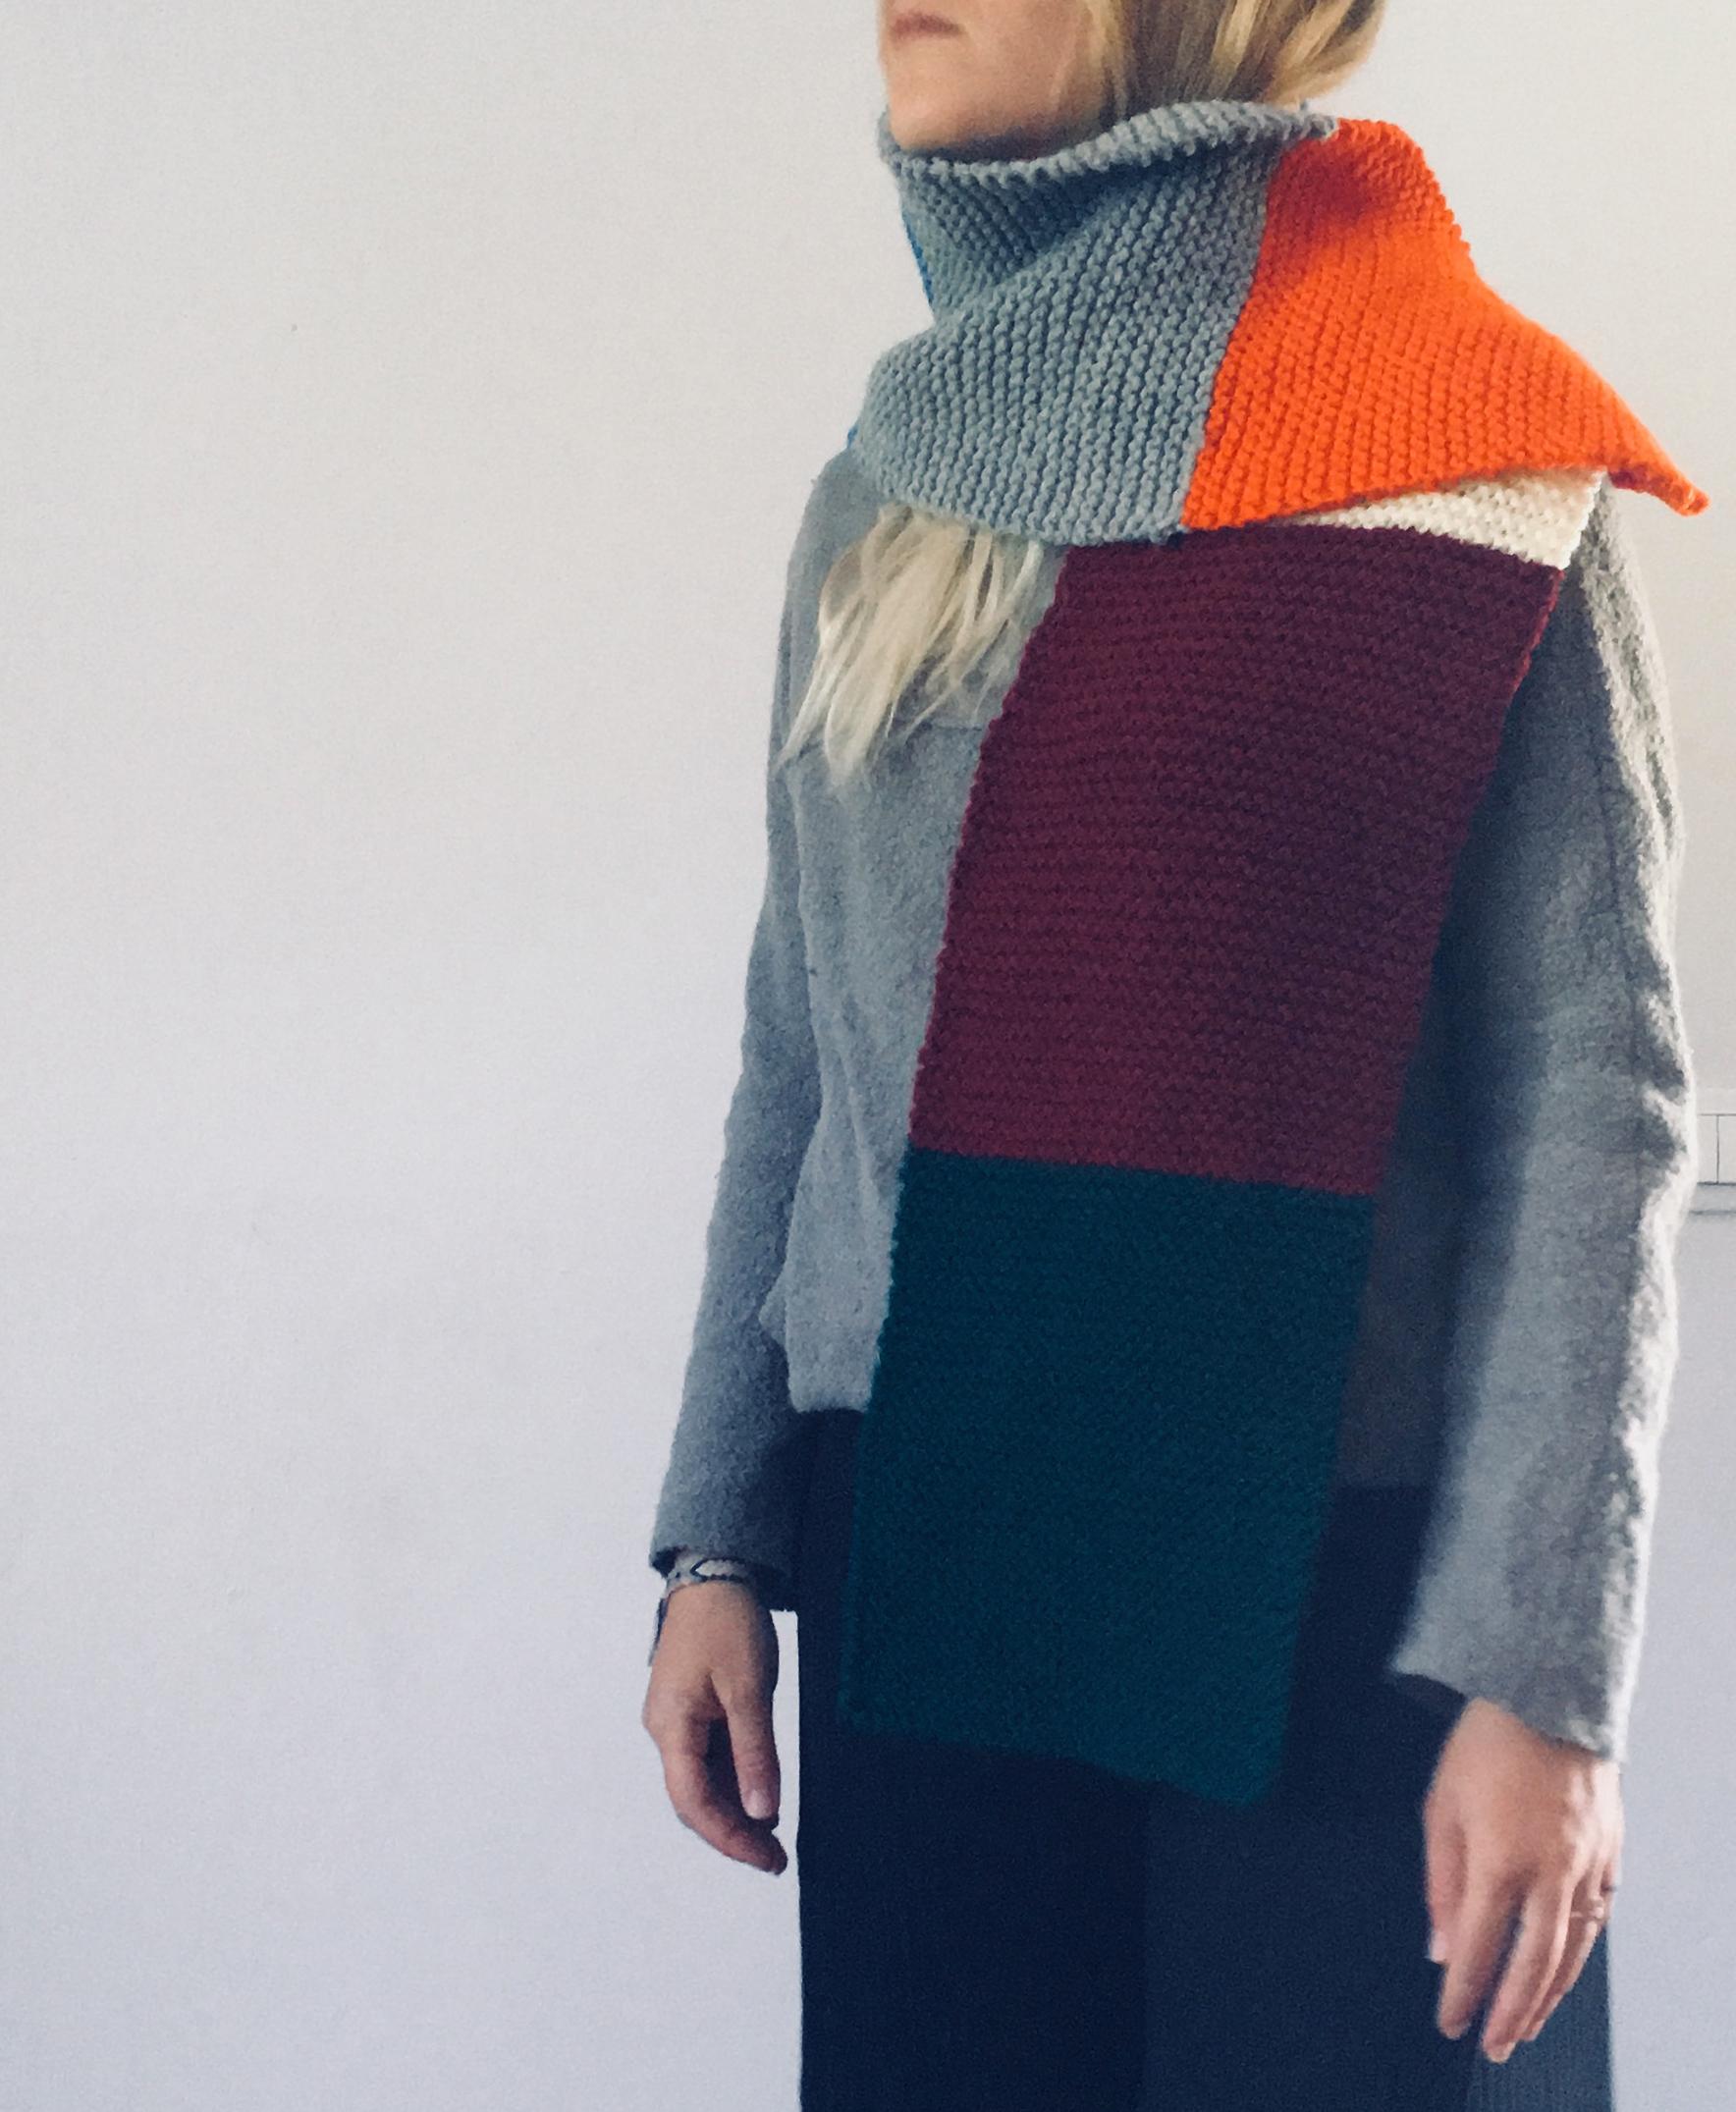 wool_done_knitting_prym_3.jpg